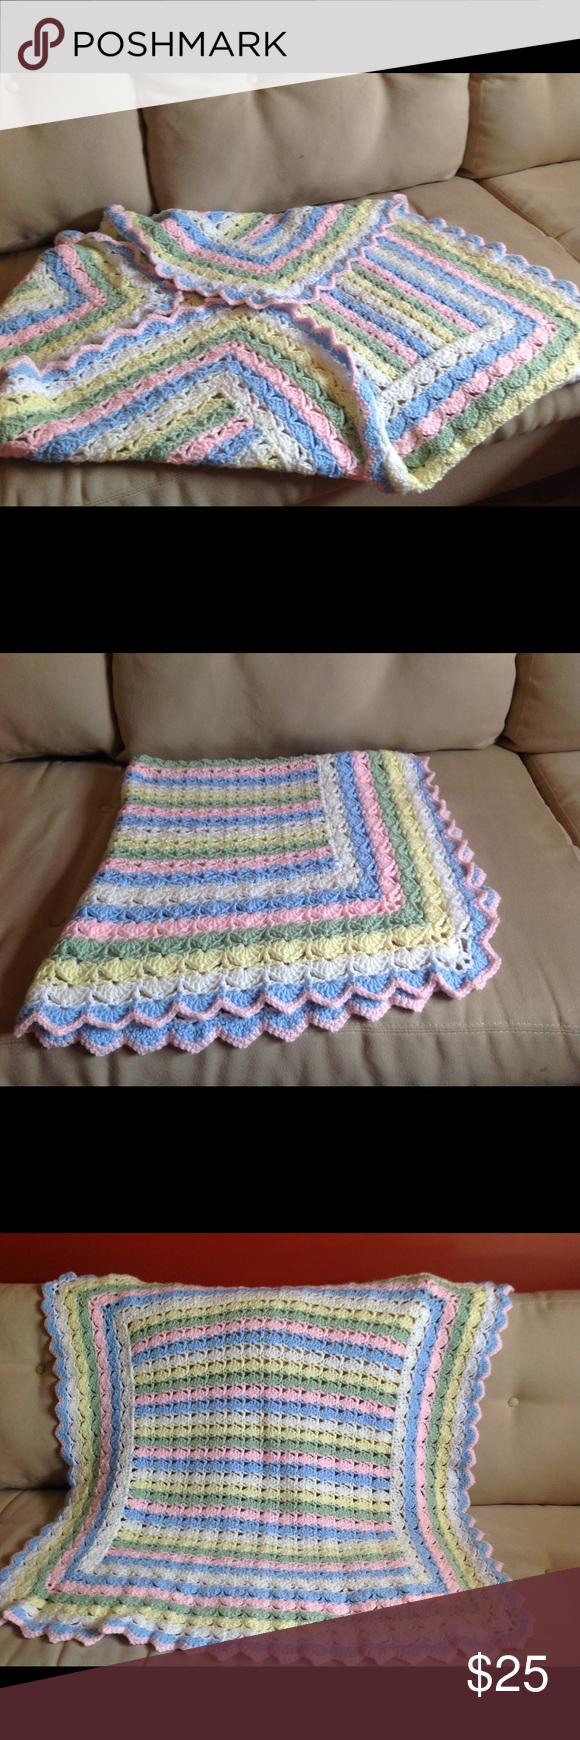 New baby girl blanket NWT | Pinterest | Baby girl blankets ...